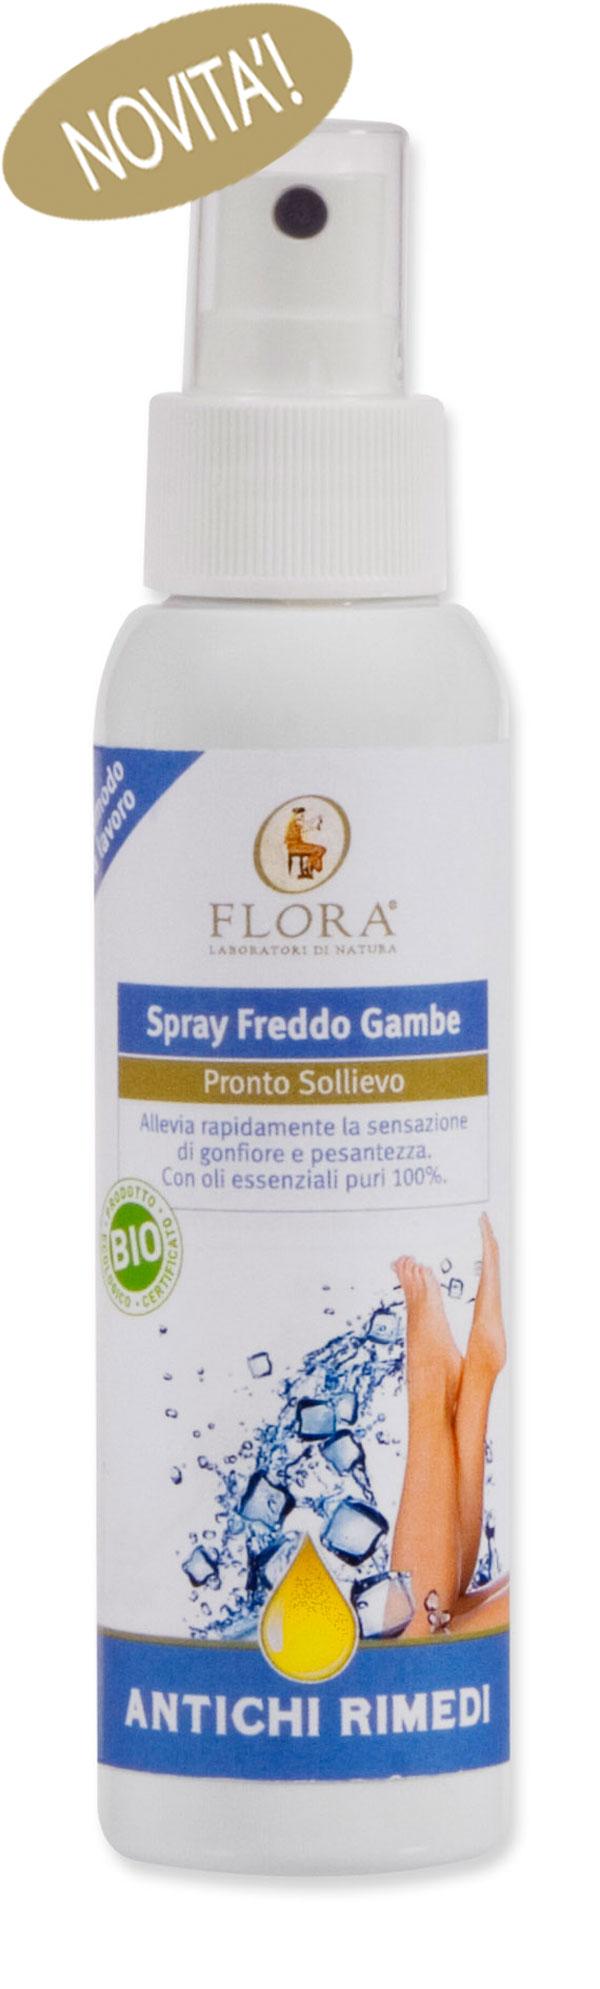 Spray Freddo Gambe Flora Pisa 100ml